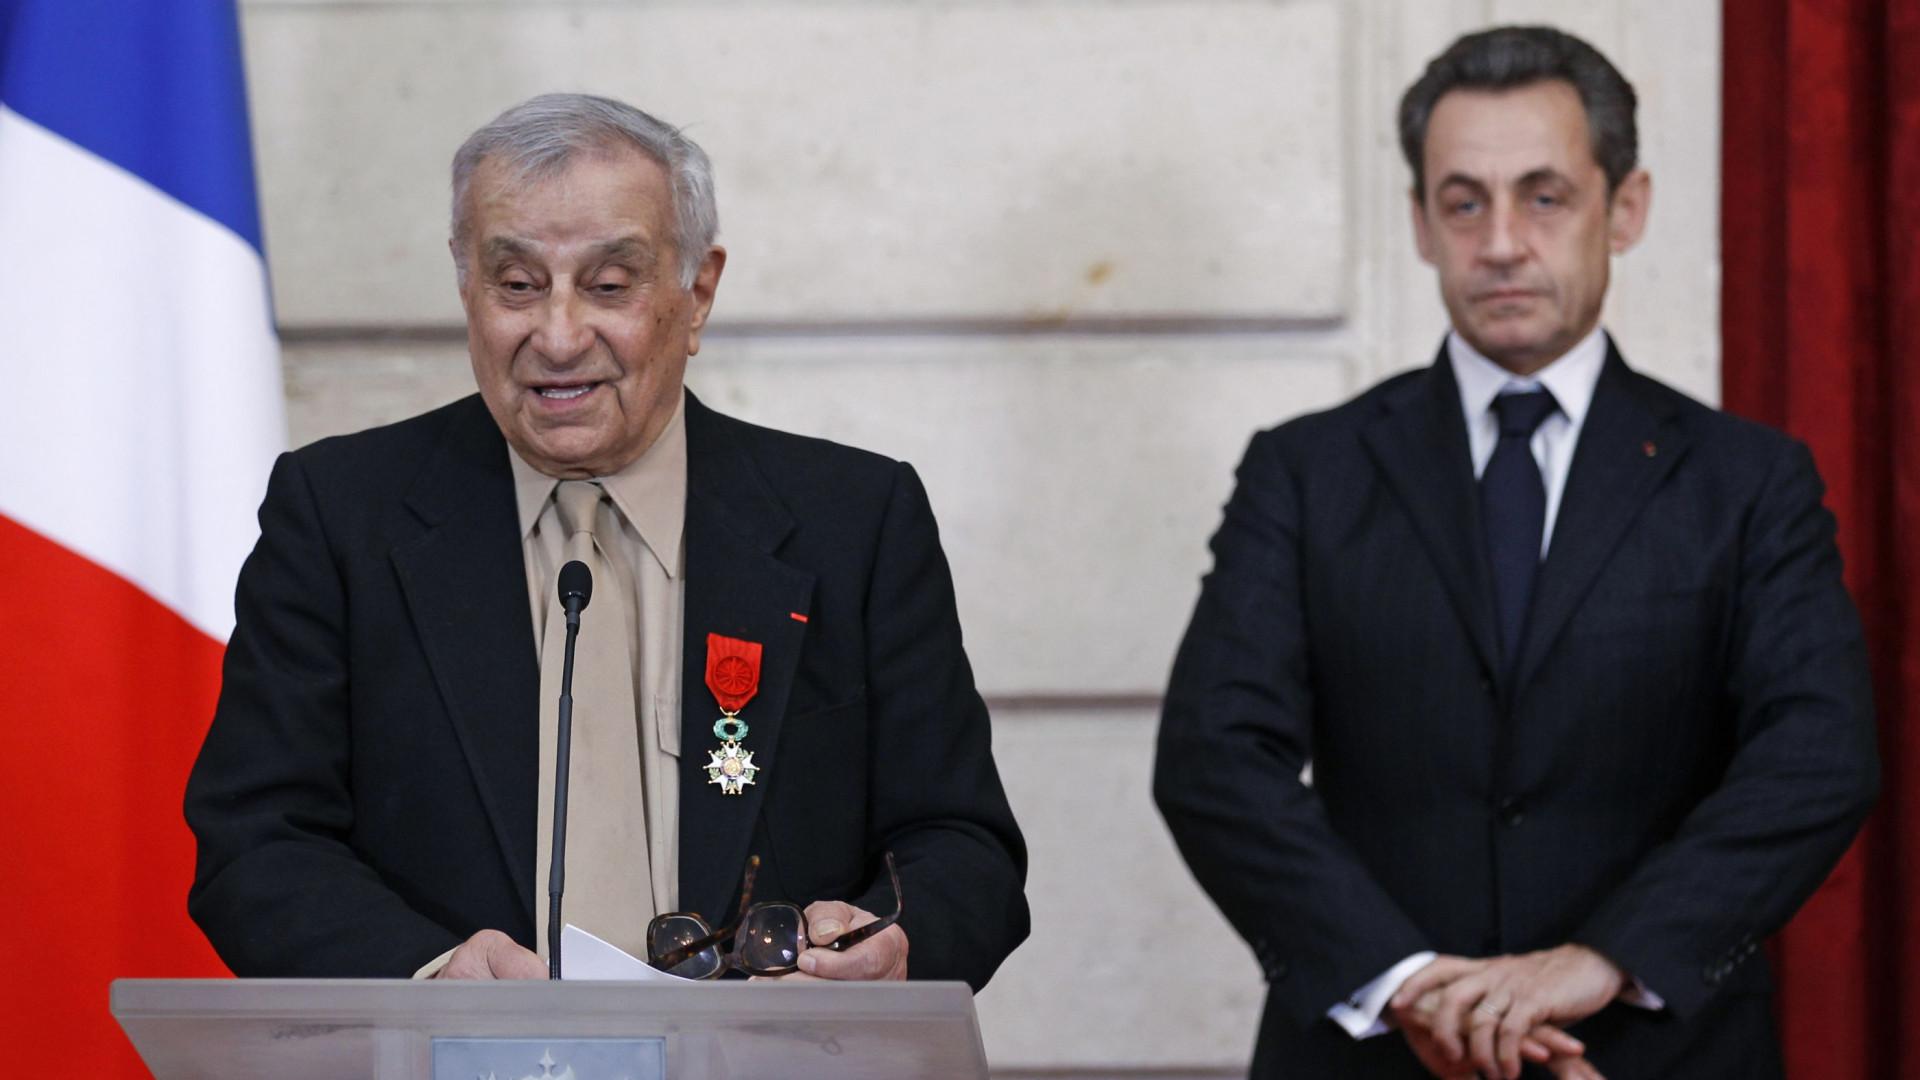 Morreu Arsène Tchkarian, herói da Resistência francesa. Tinha 101 anos